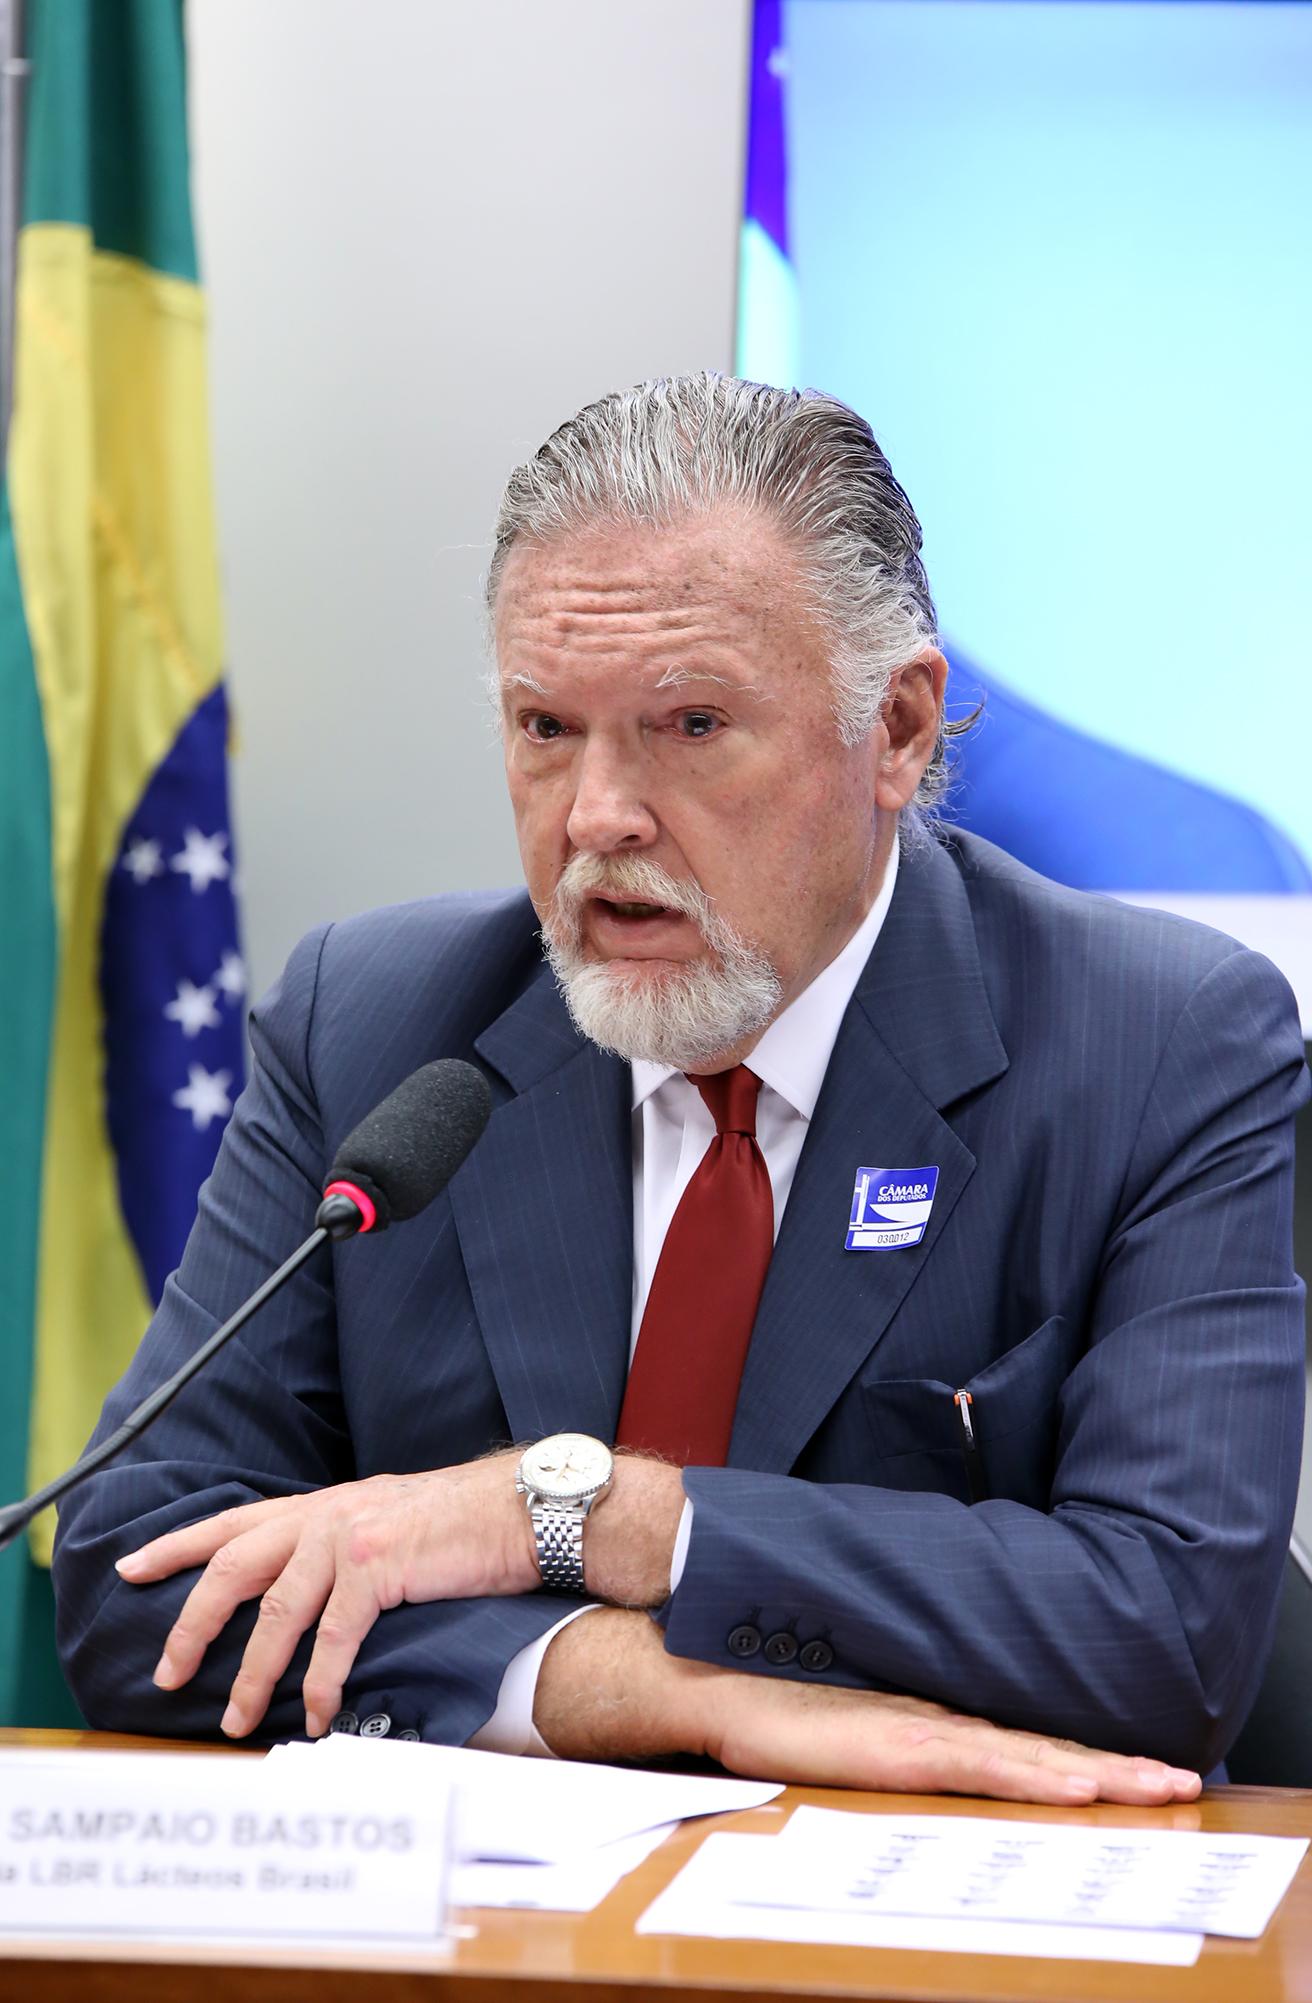 Audiência pública para oitiva do presidente da LBR Lácteos Brasil, Nelson Sampaio Bastos